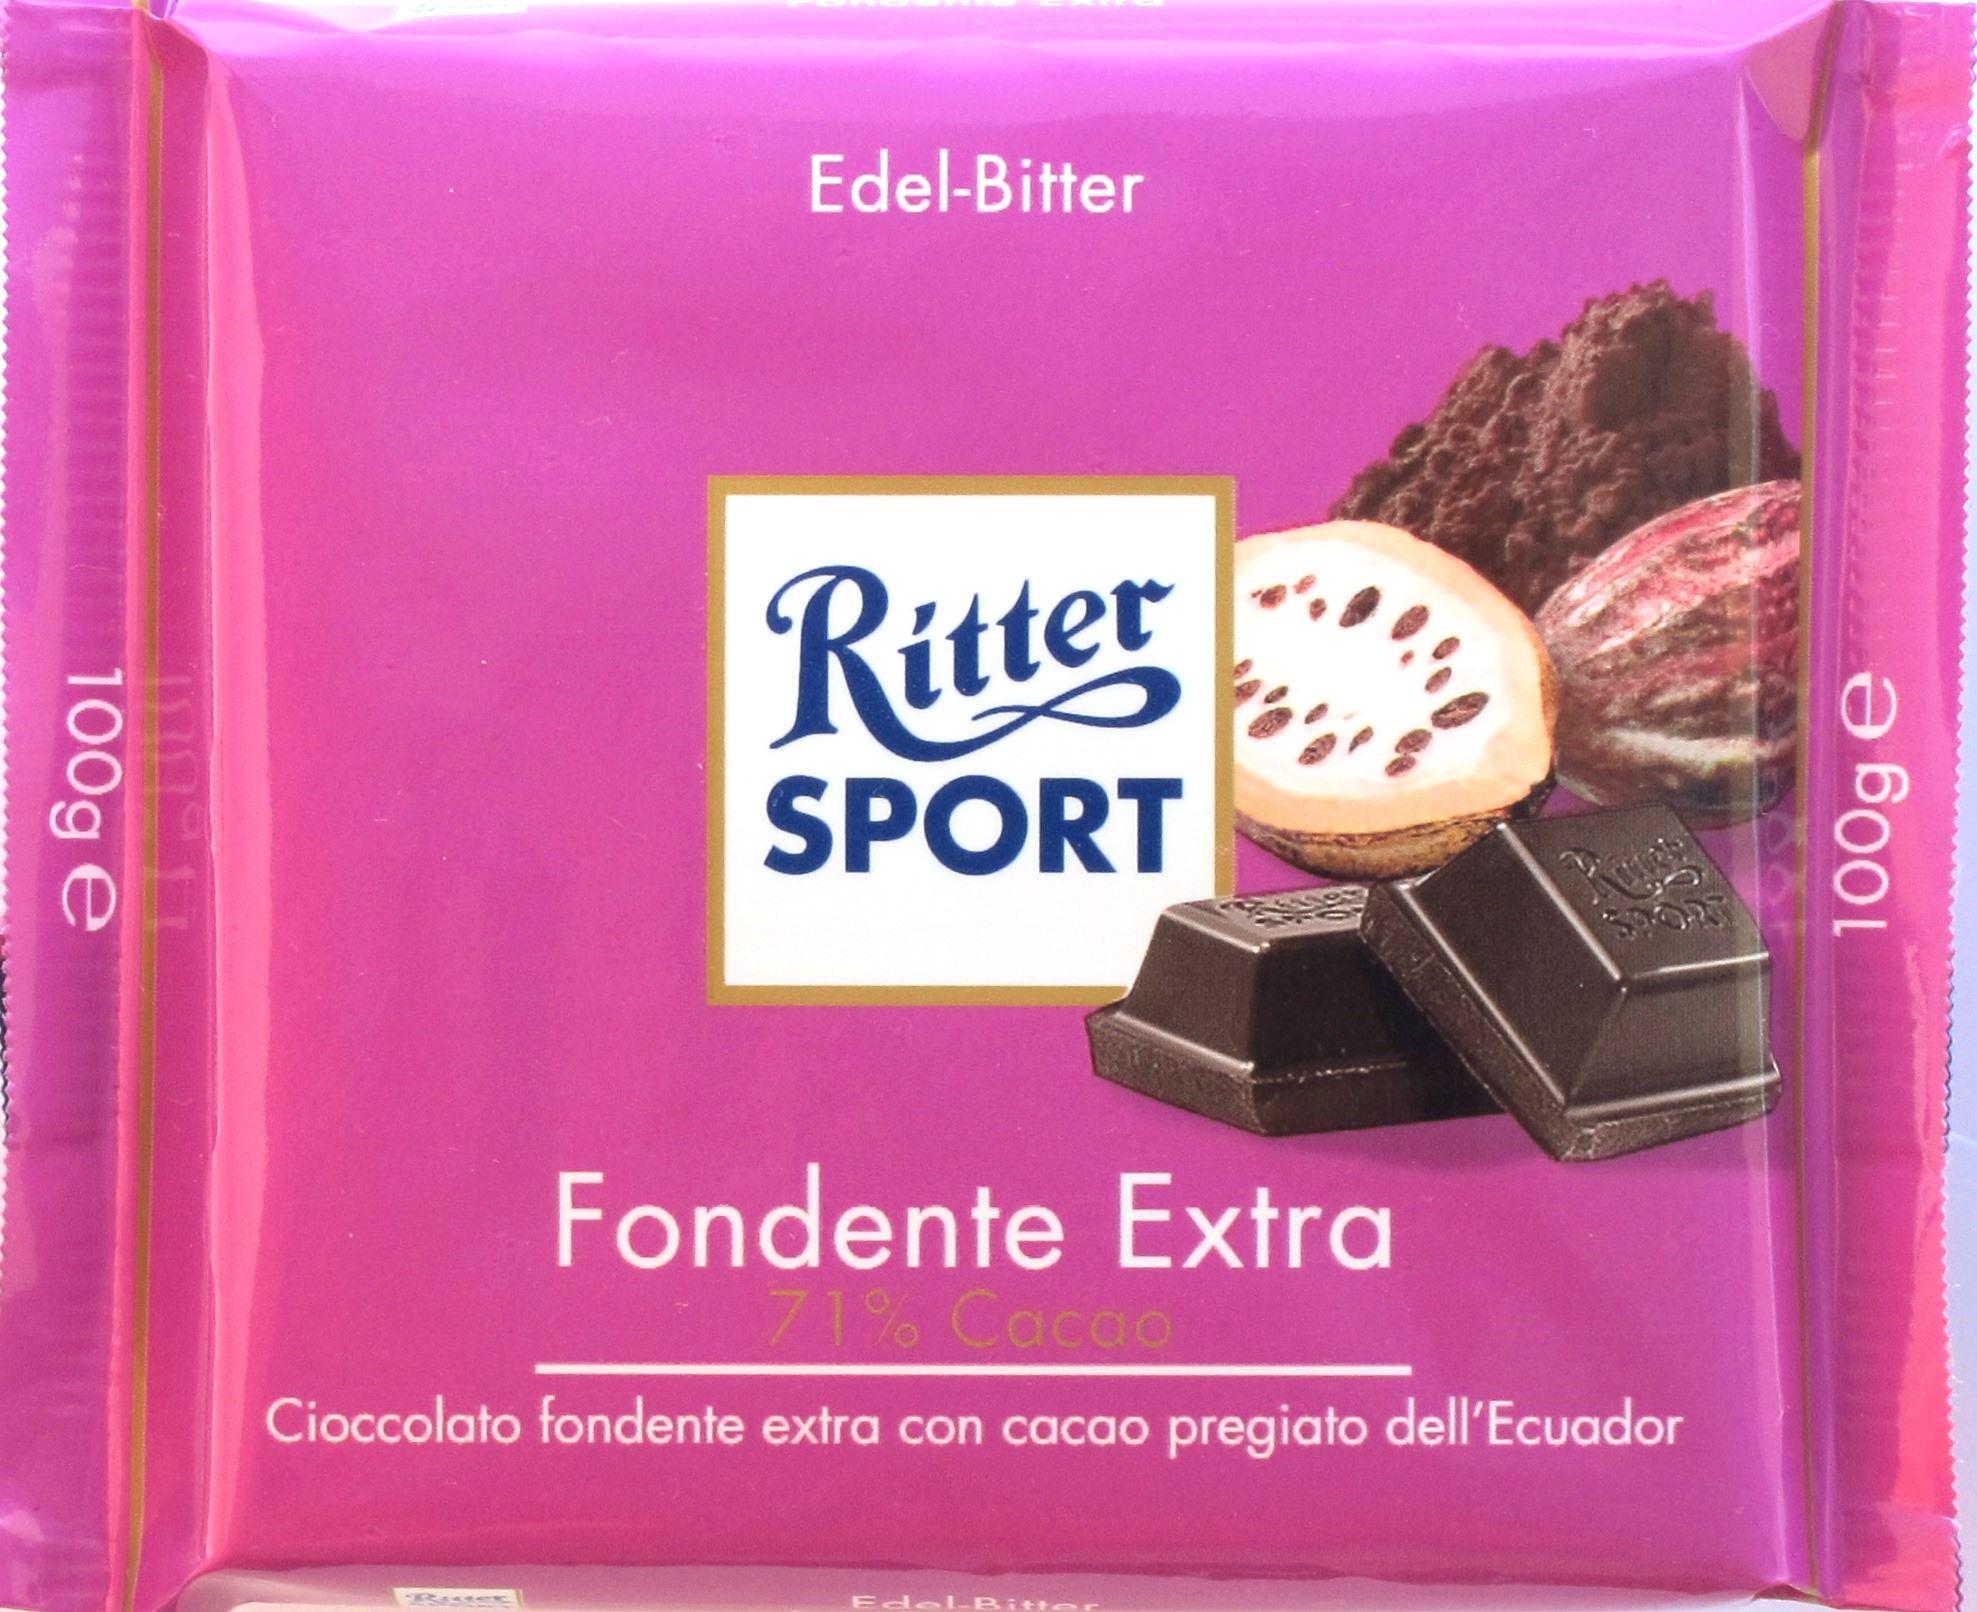 Ritter Sport, Bitterschokolade, 71%